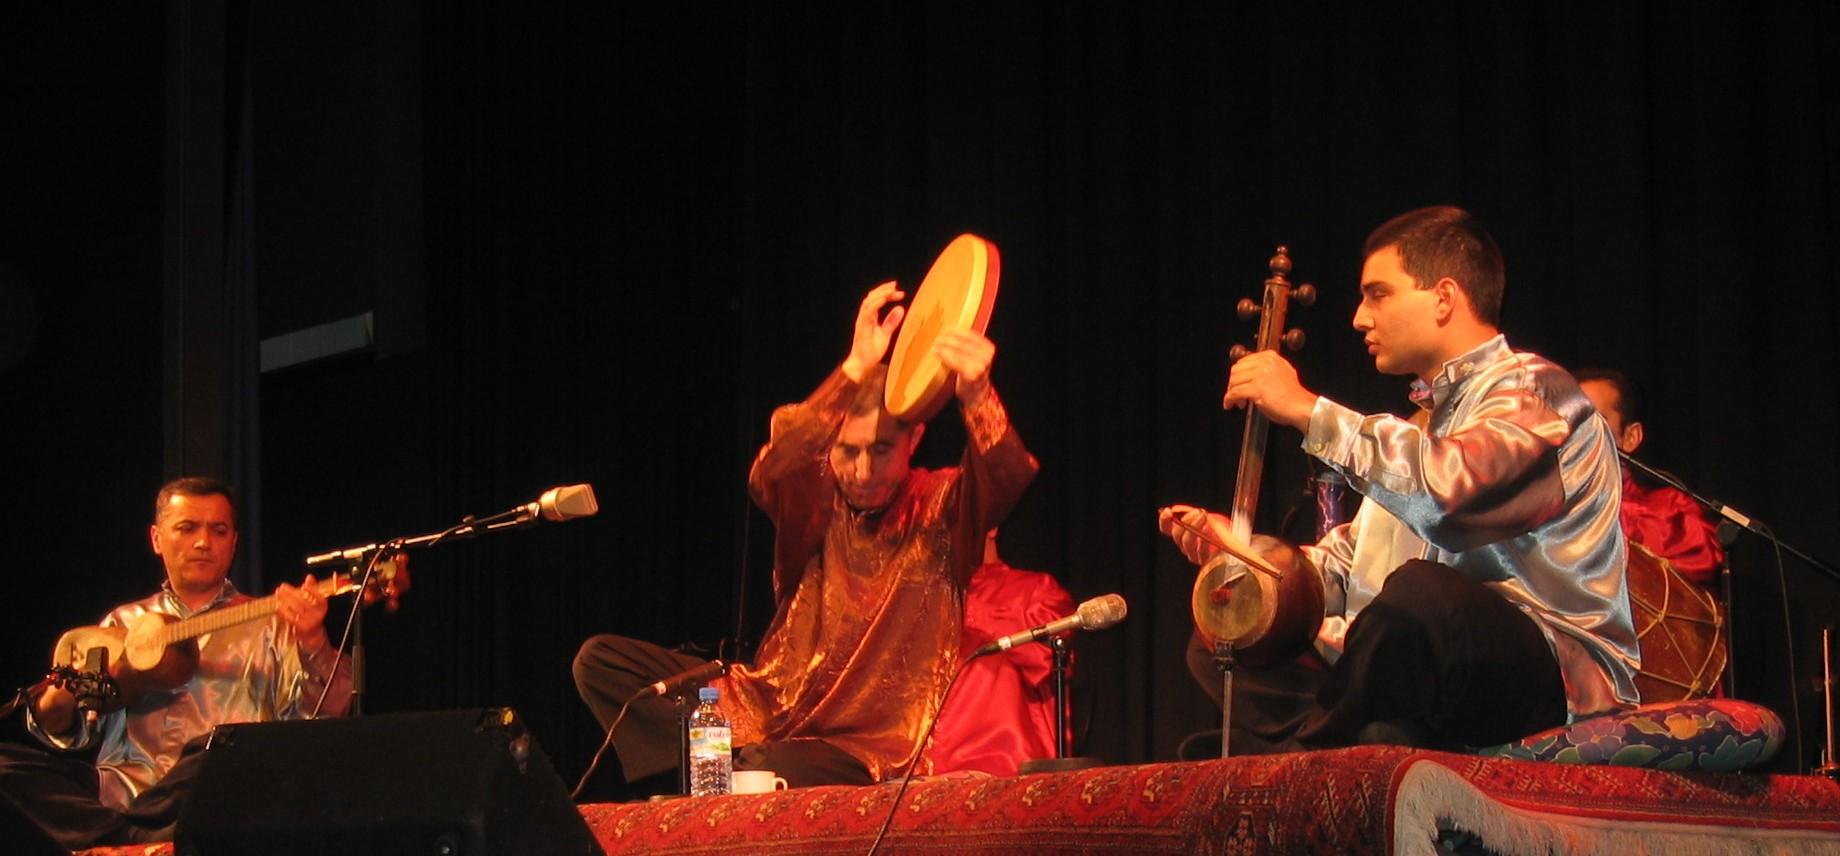 Alim Quasimov Ensemble